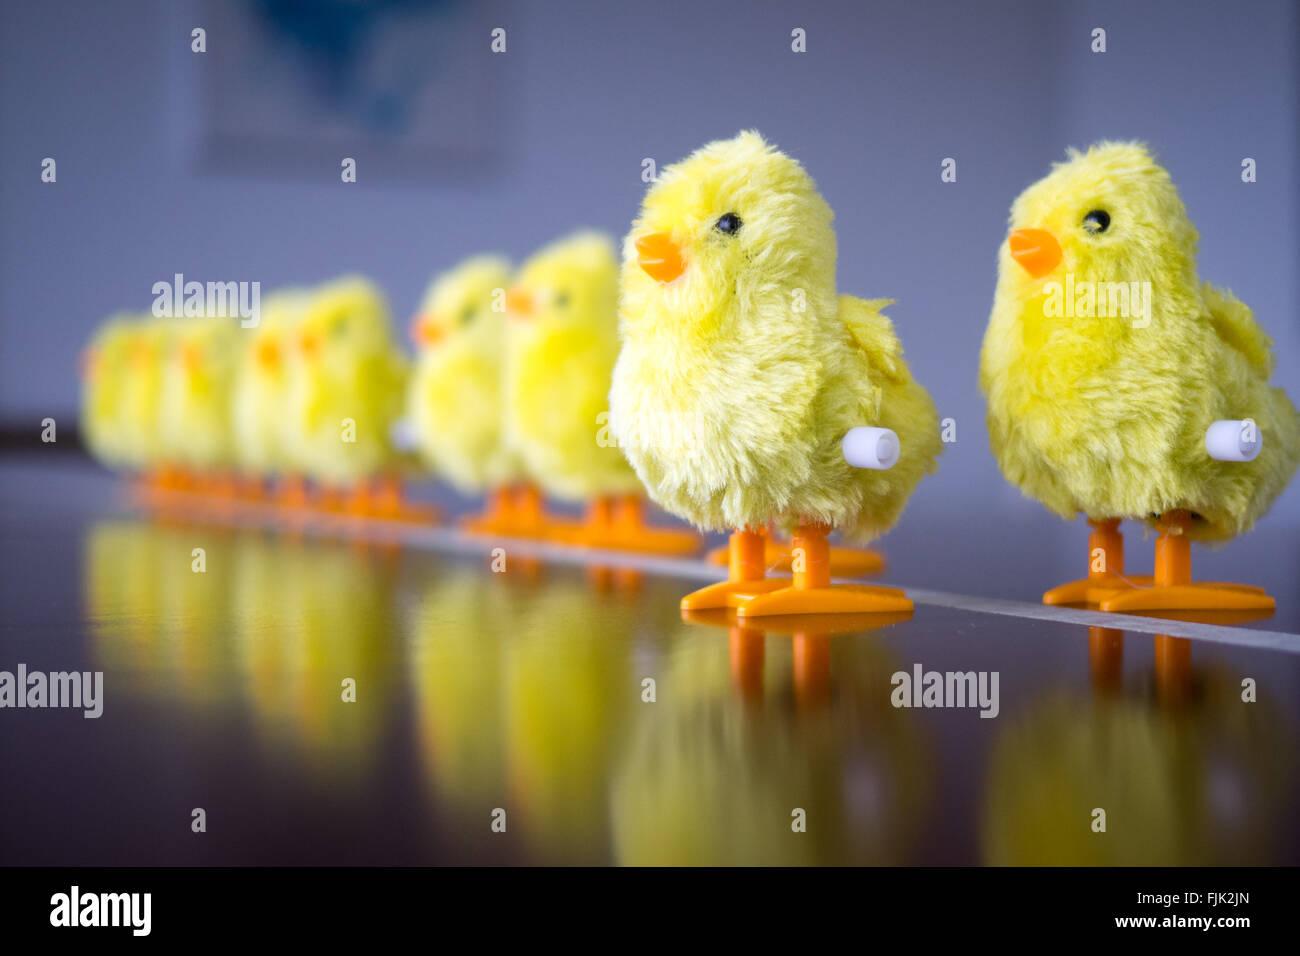 Un oisillon jouet. Concept: leadership, faire le premier pas, se démarquer de la foule. Photo Stock